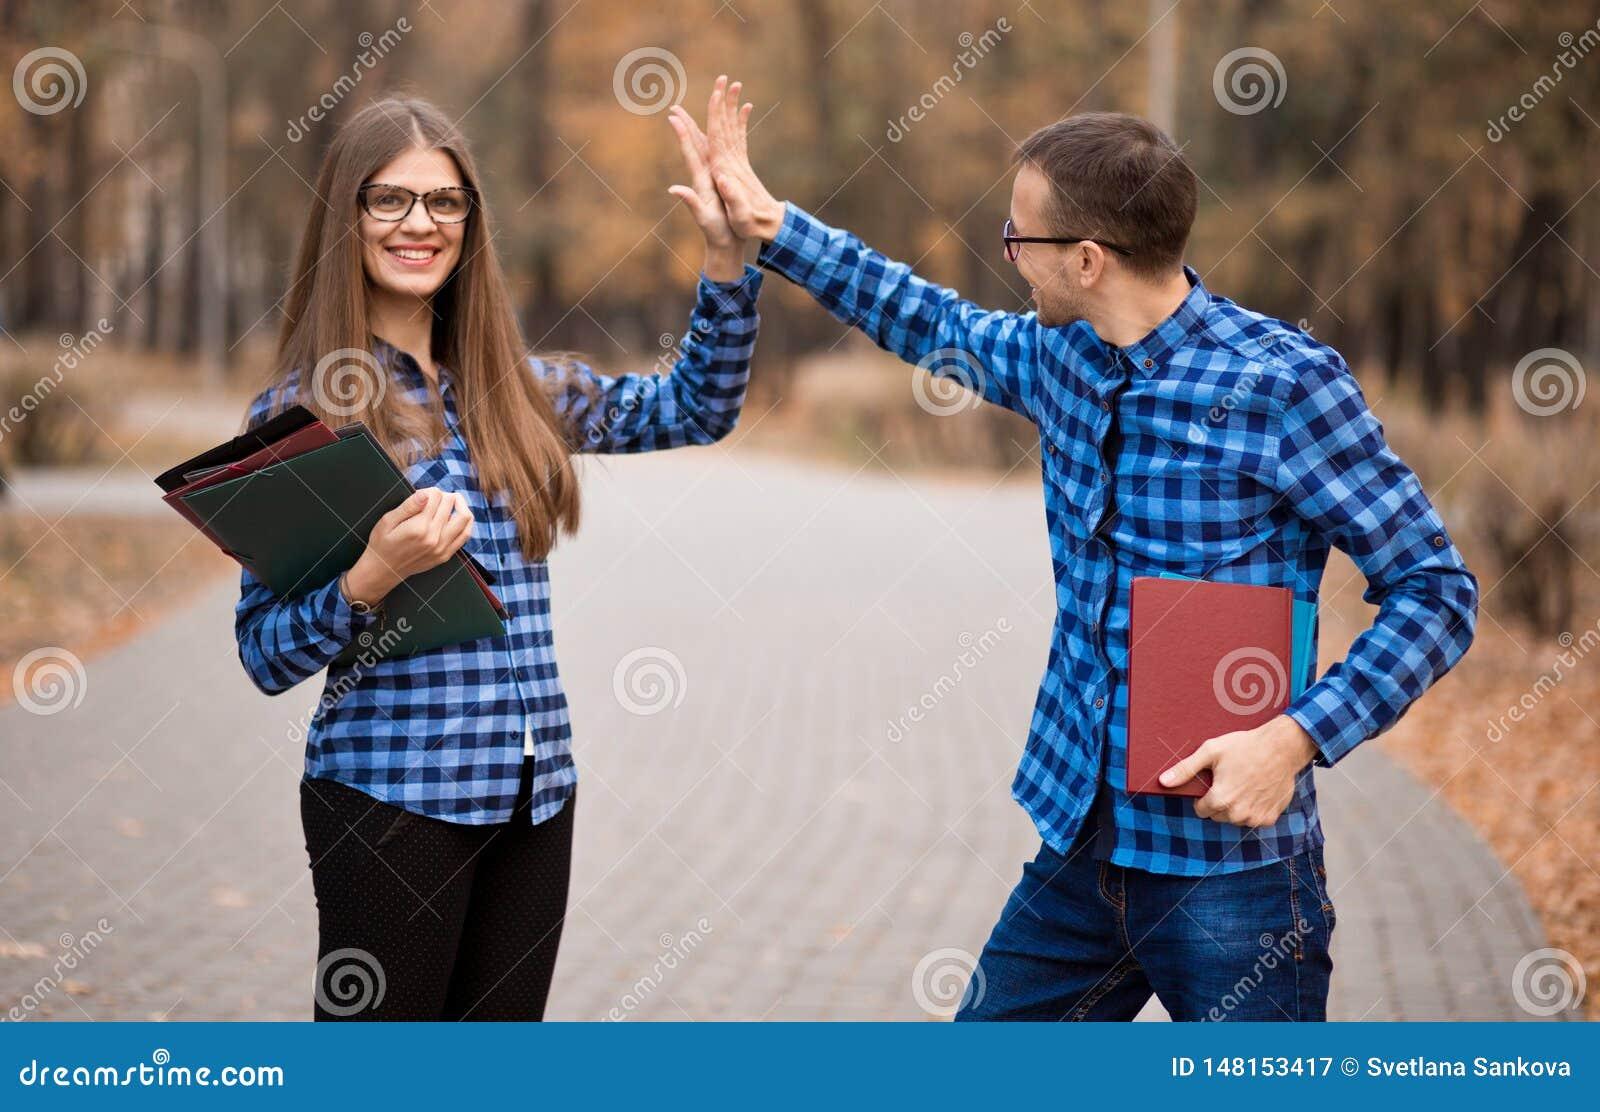 Возбужденный человек и женщина кричащие с утехой поднимая руки, счастливые молодые пары празднуют онлайн победу выигрыша, достиже